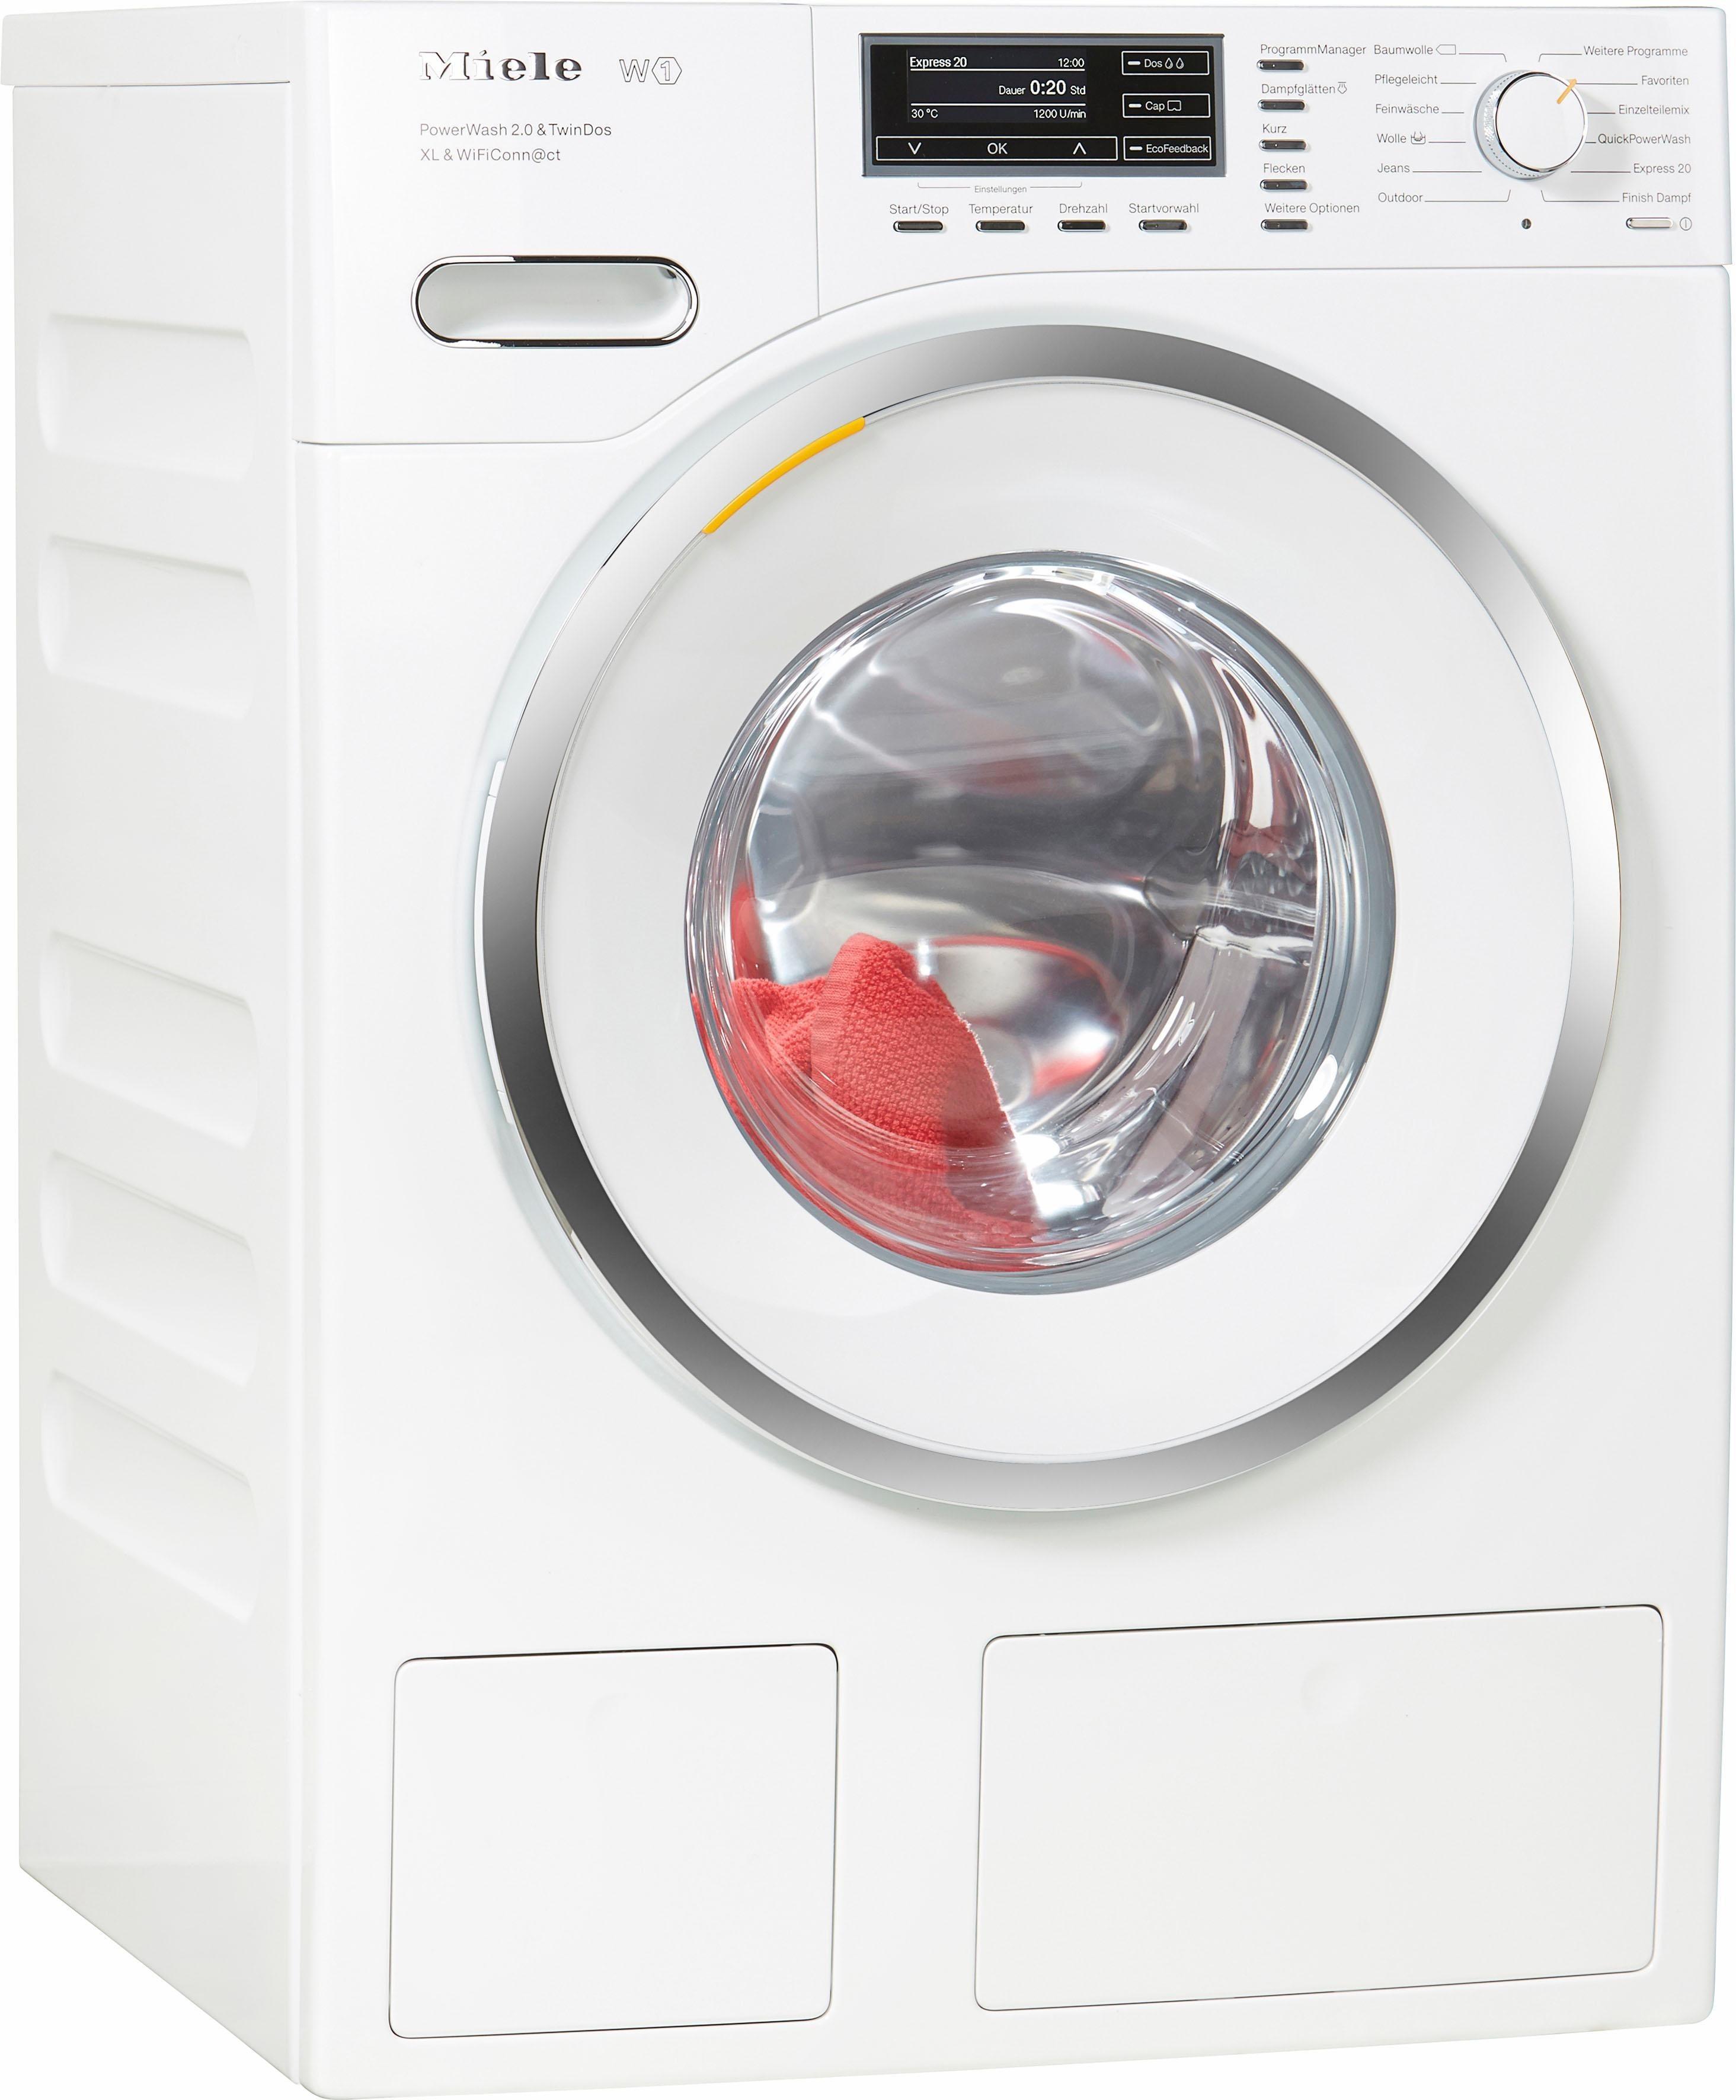 miele waschmaschine 1600 u min preisvergleich die besten angebote online kaufen. Black Bedroom Furniture Sets. Home Design Ideas